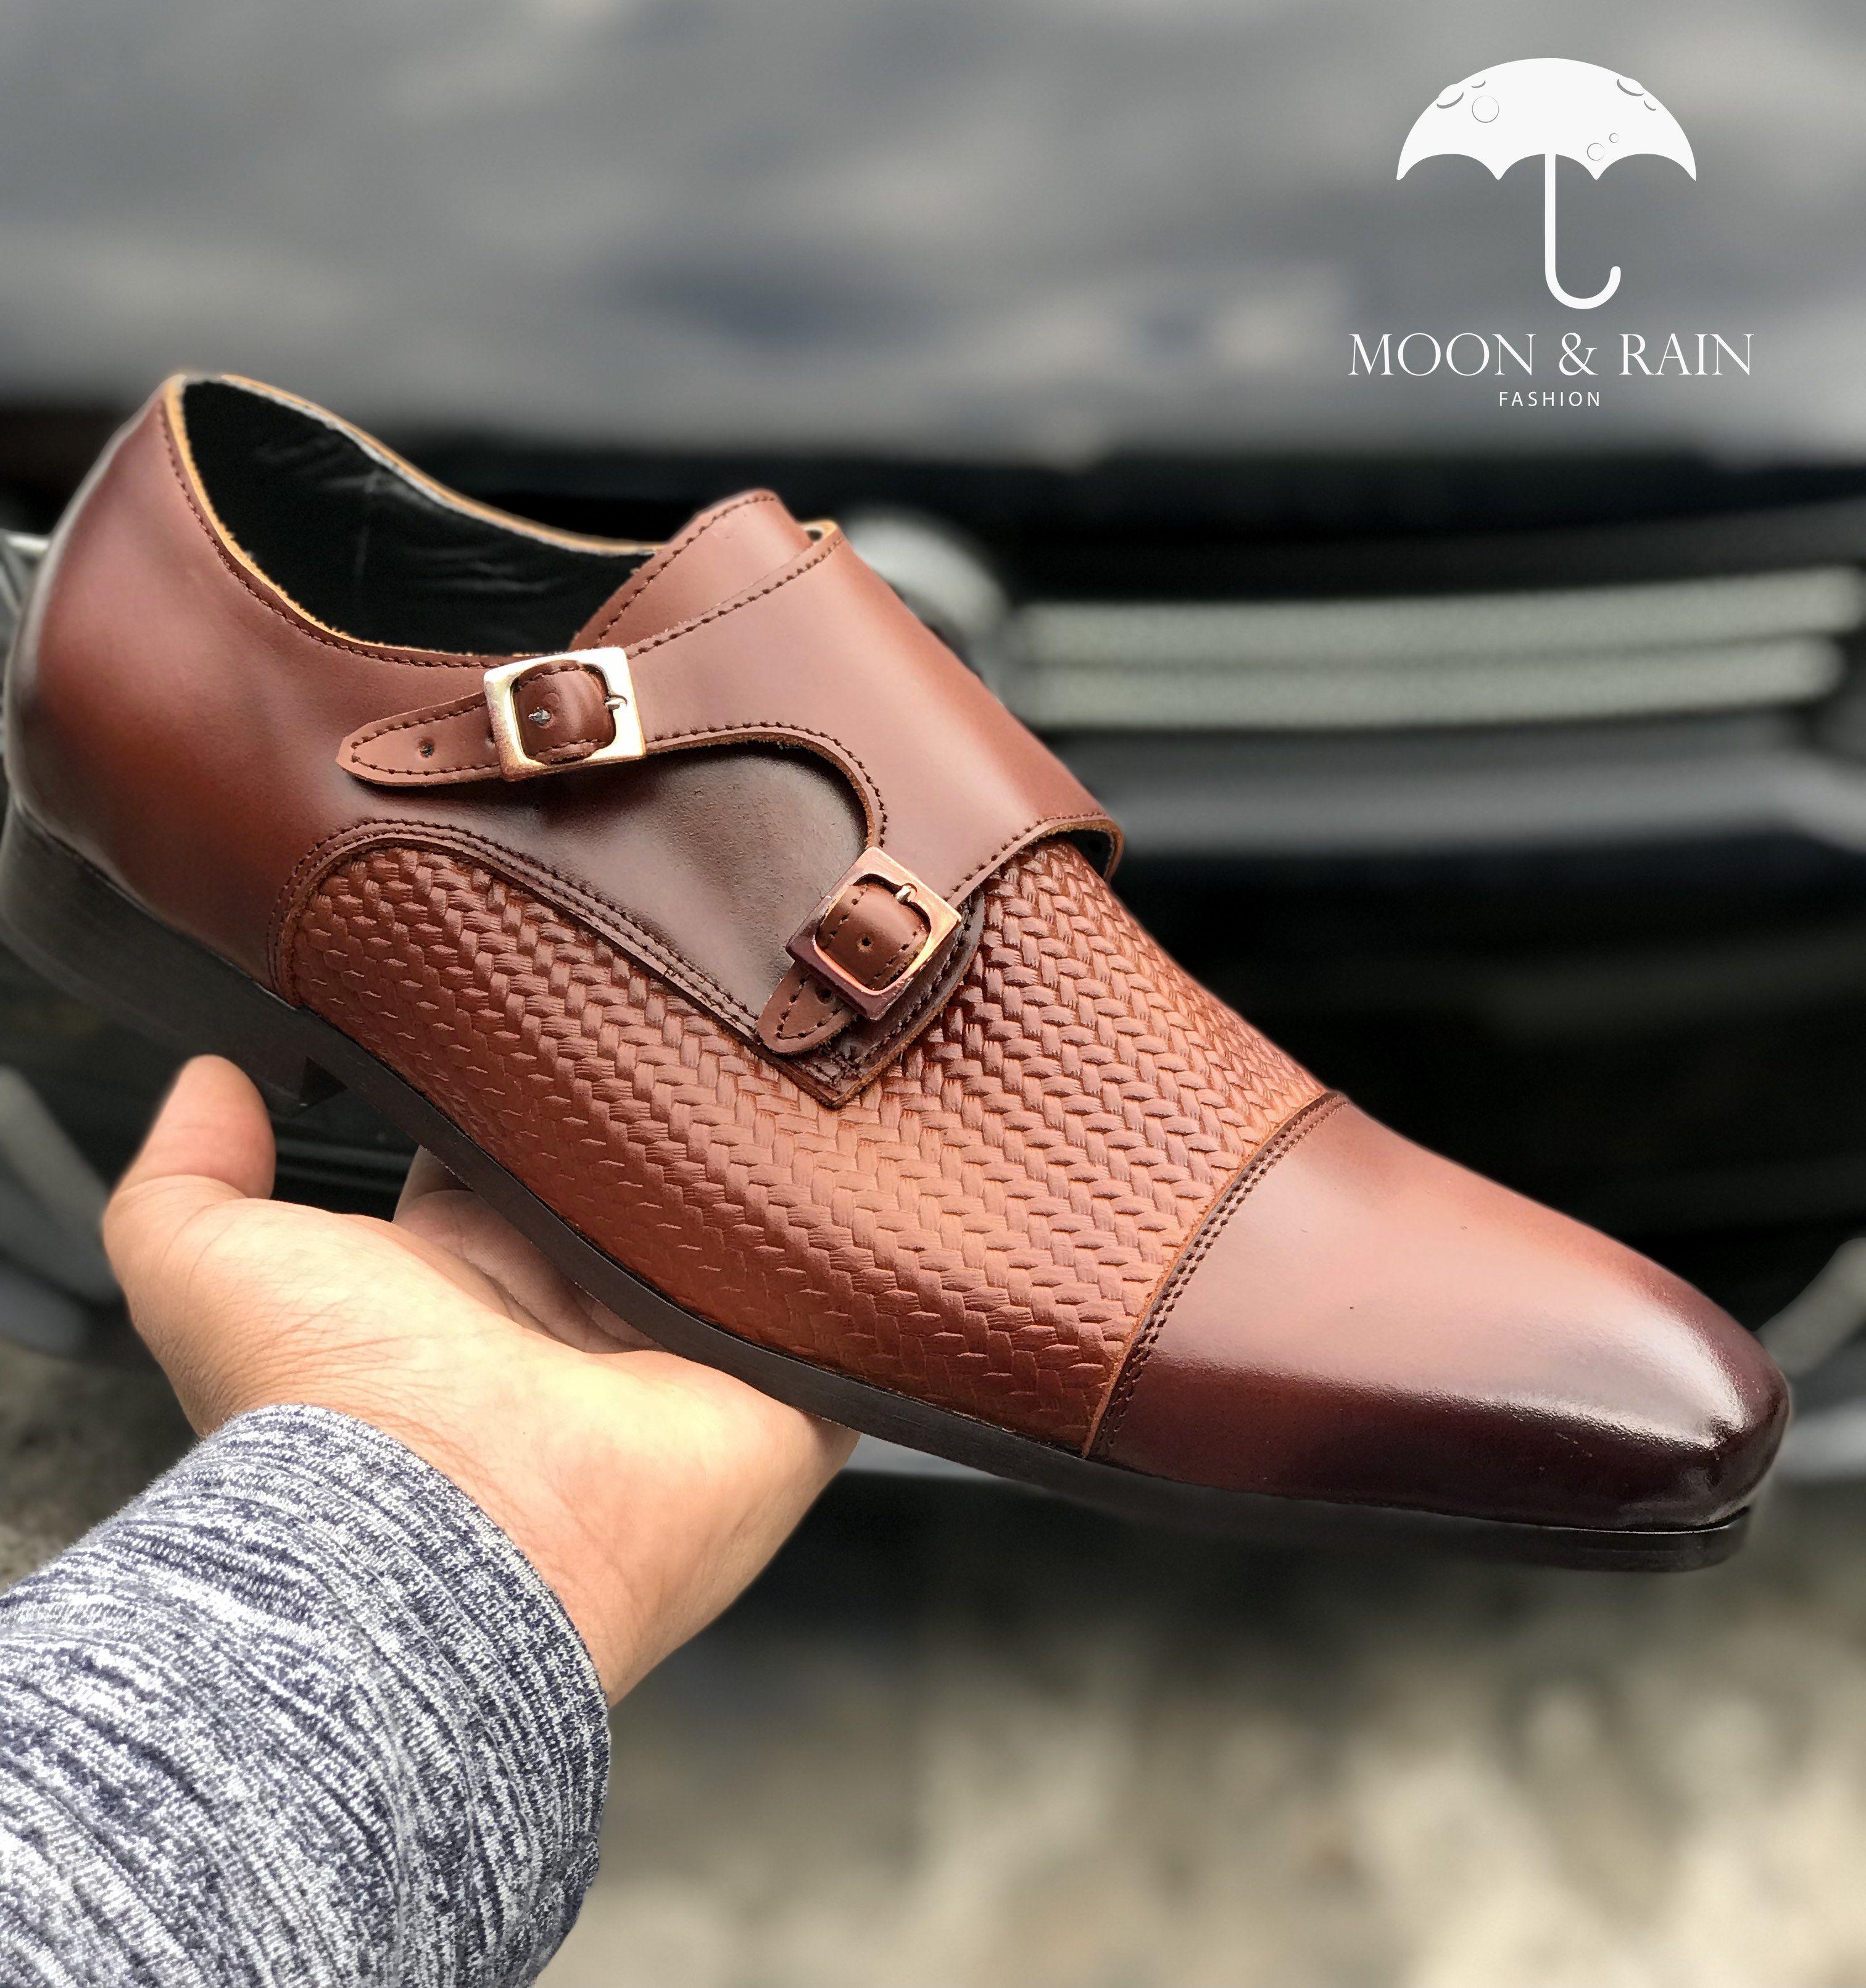 e976a4379 Calzado Monkstrap Café de broches para hombre en piel genuina y suela de  cuero